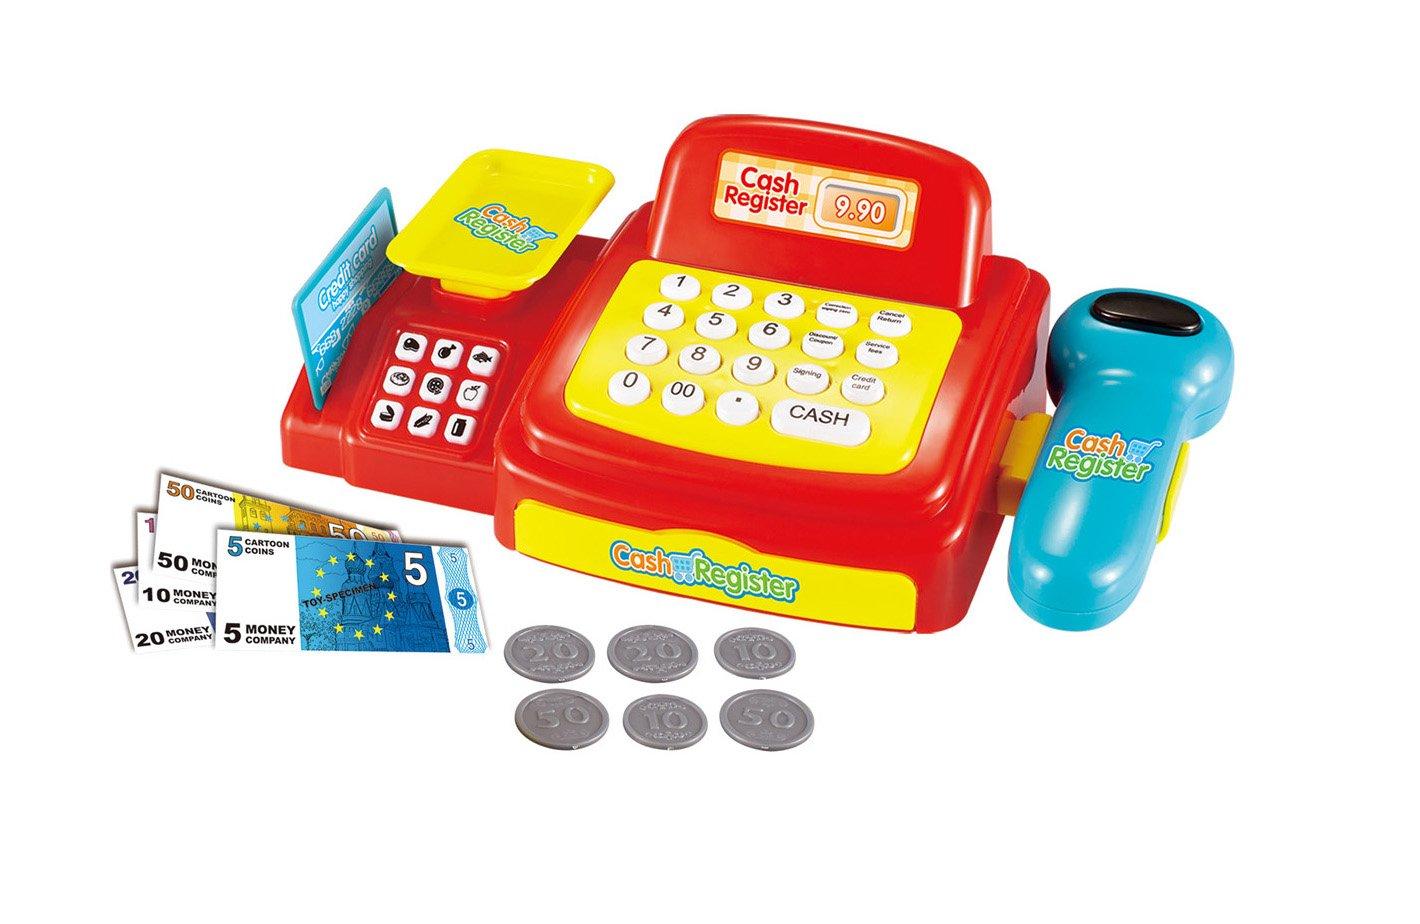 Joueco bn0232633 Juegos - Caja registradora de Juguete con luz y Sonido, Rojo/Amarillo/Azul/Blanco: Amazon.es: Juguetes y juegos